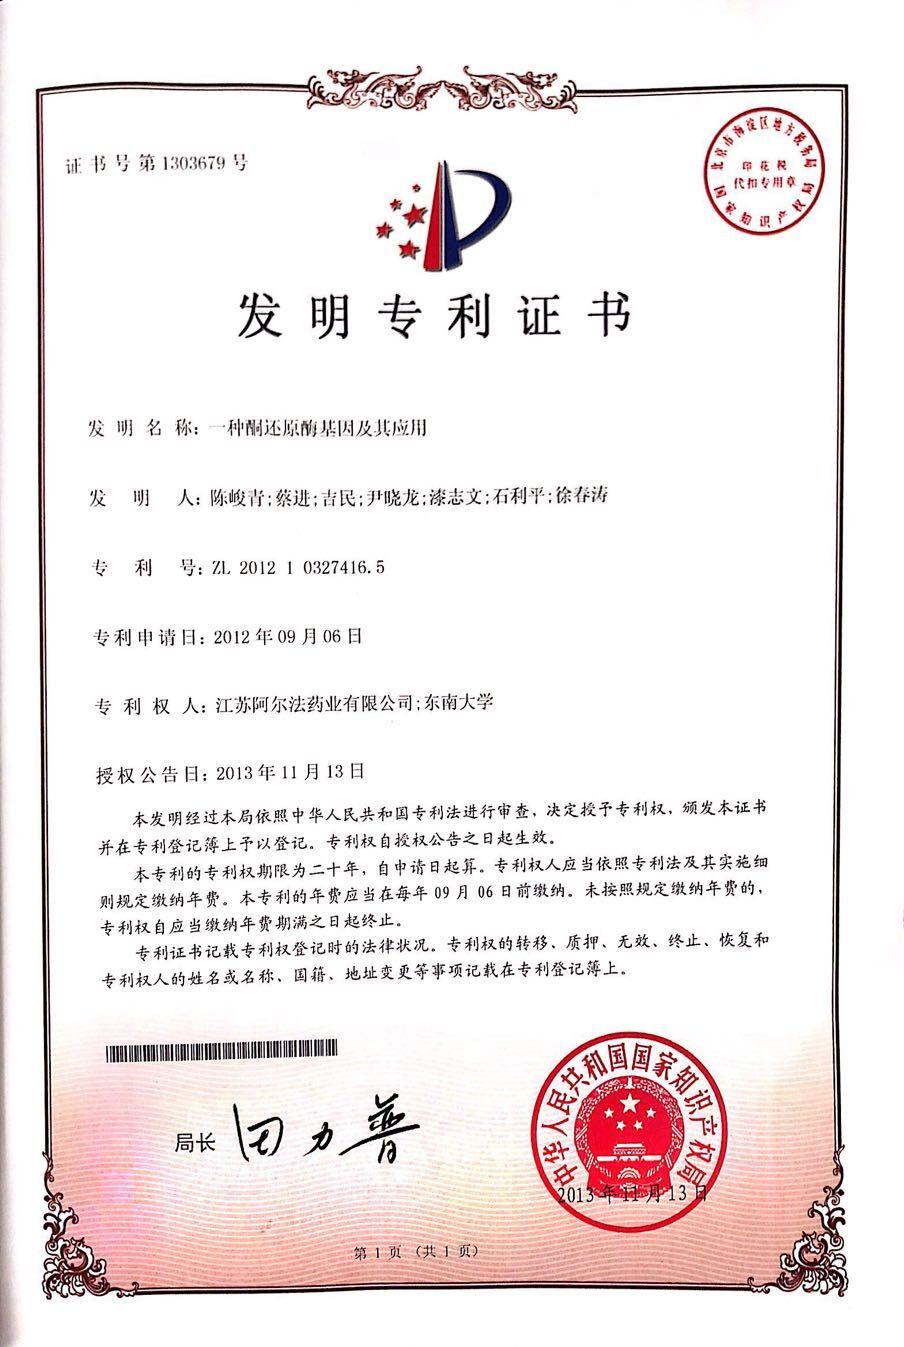 荣誉-专利-3.一种酮还原酶基因及其应用